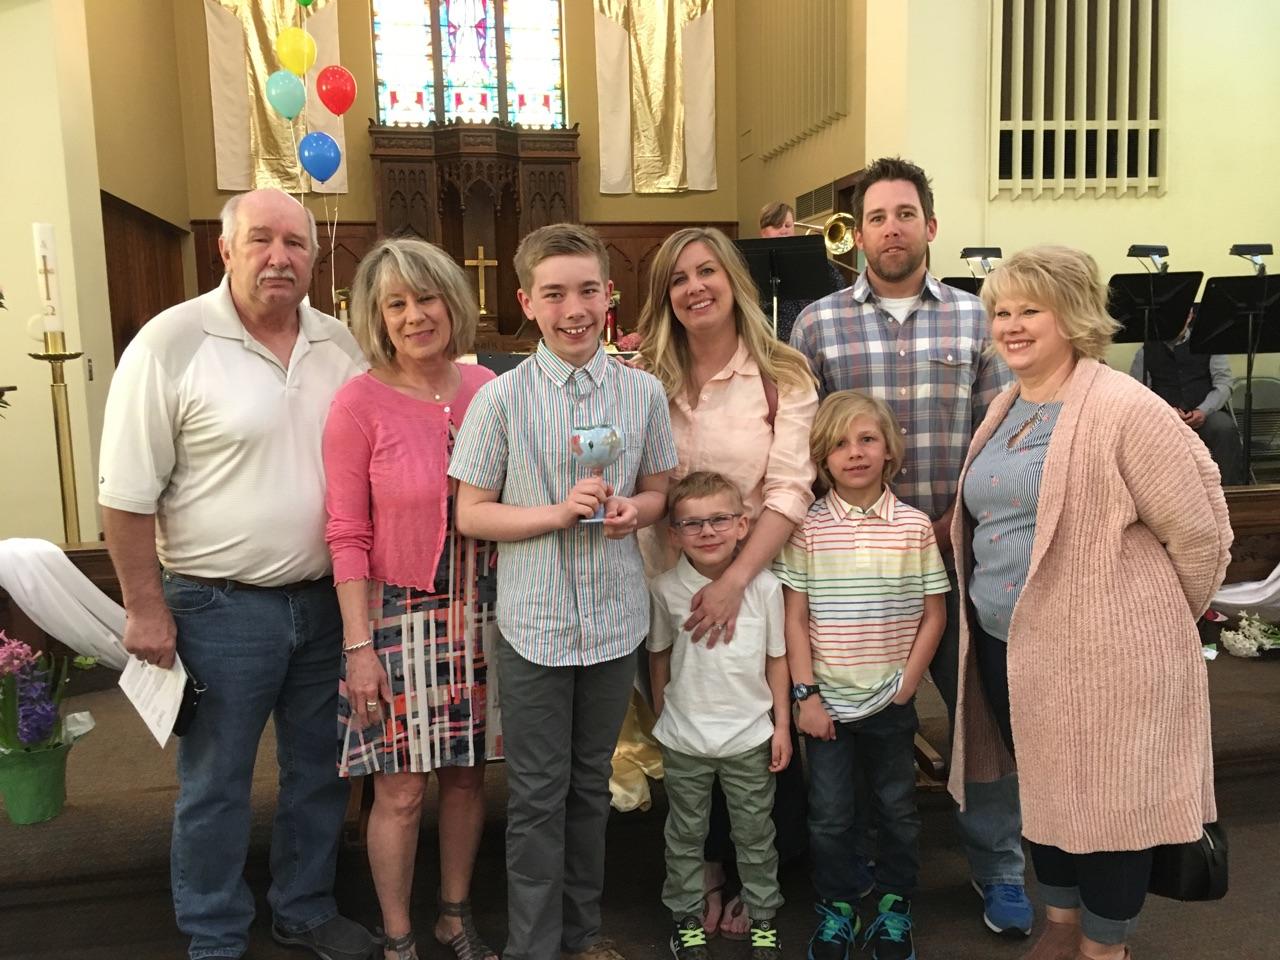 Wyley Family